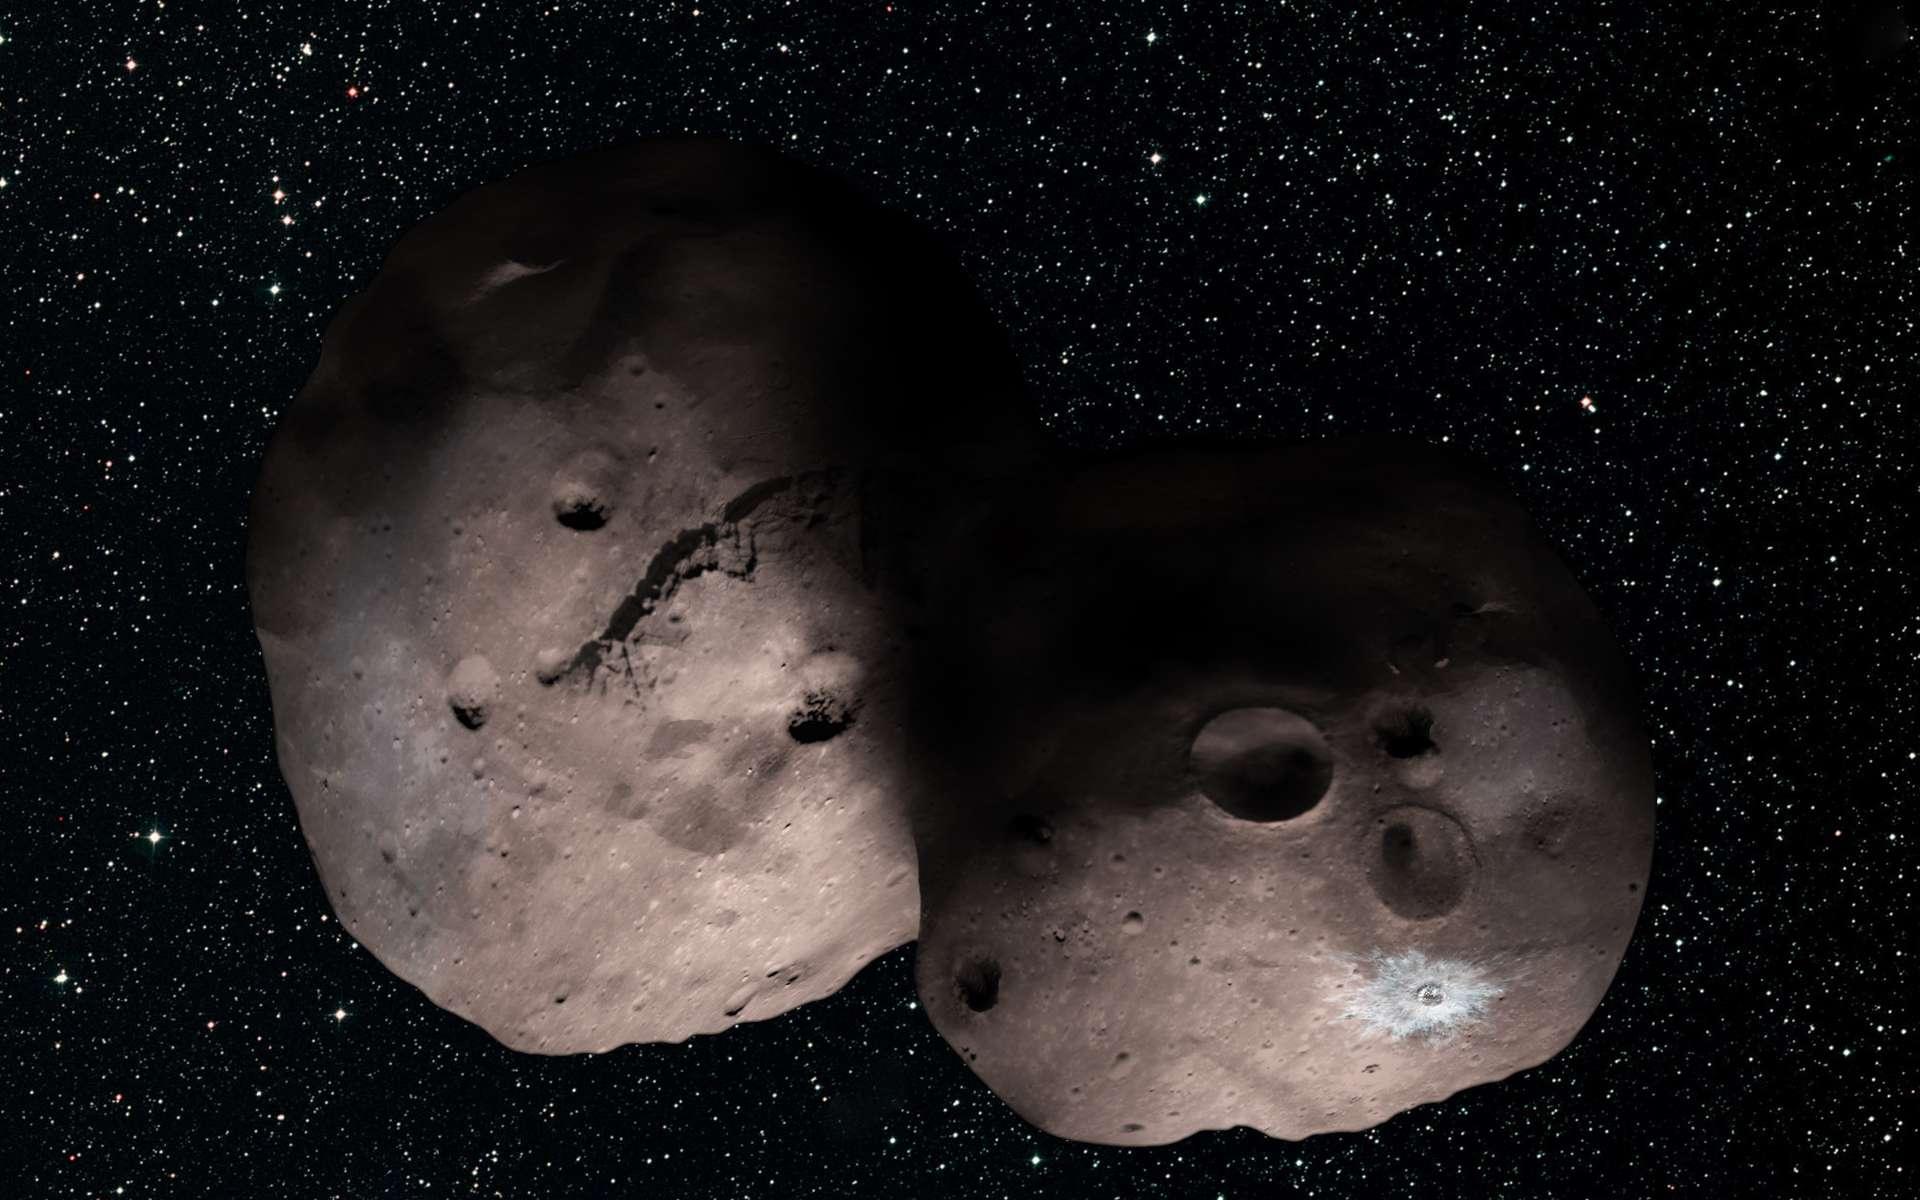 Illustration de 2014 MU69 basée sur les observations de juillet 2017 lors de l'occultation de trois étoiles. Cet objet de la ceinture de Kuiper pourrait une binaire rapprochée ou en contact. © Nasa, JHUAPL, SwRI, Alex Parker